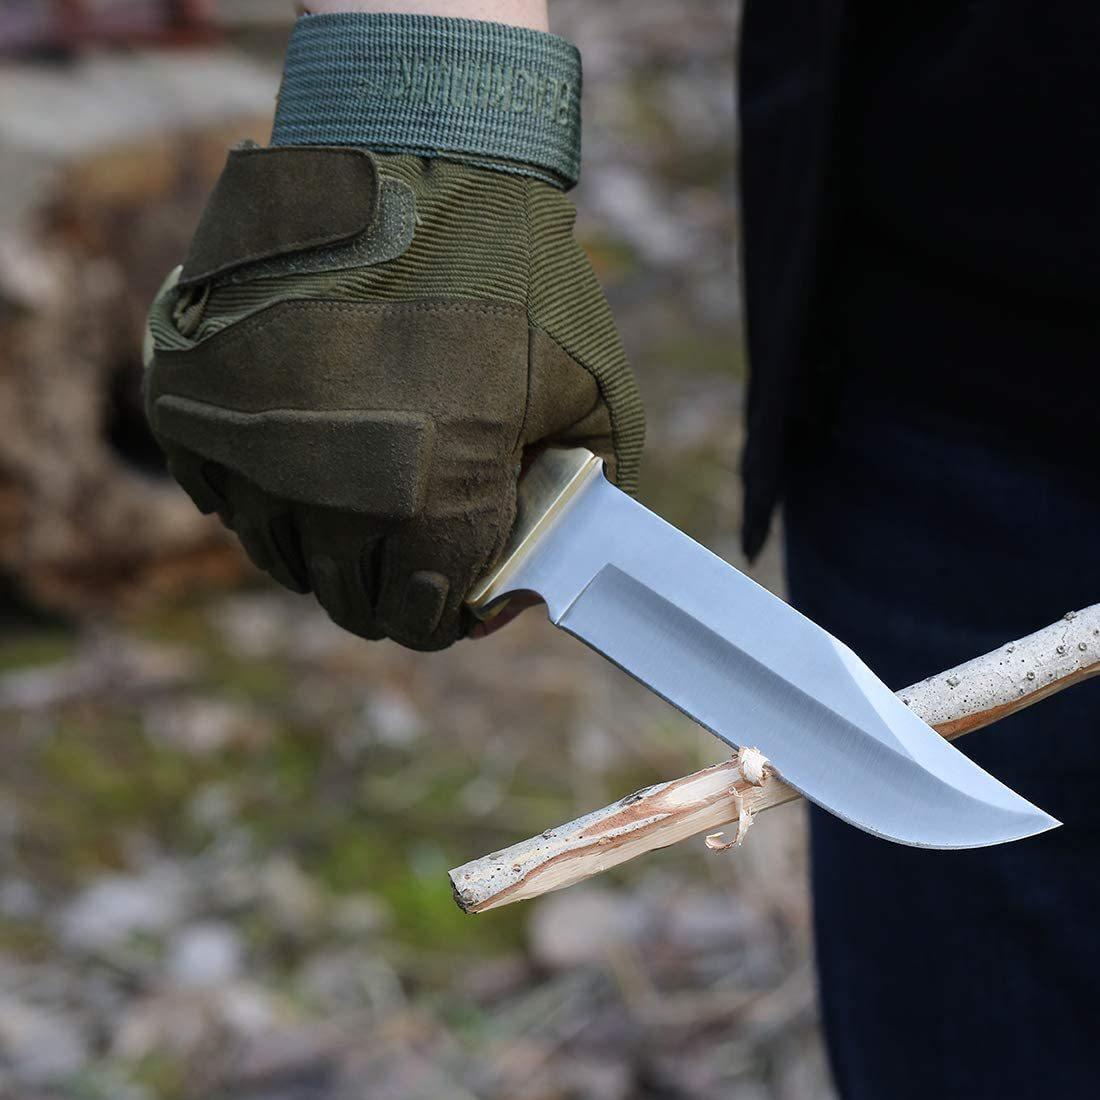 【新品 送料無料】MOSSY OAK シースナイフ フルタング構造 天然ウッドハンドル 全長275mm【ケース付き】